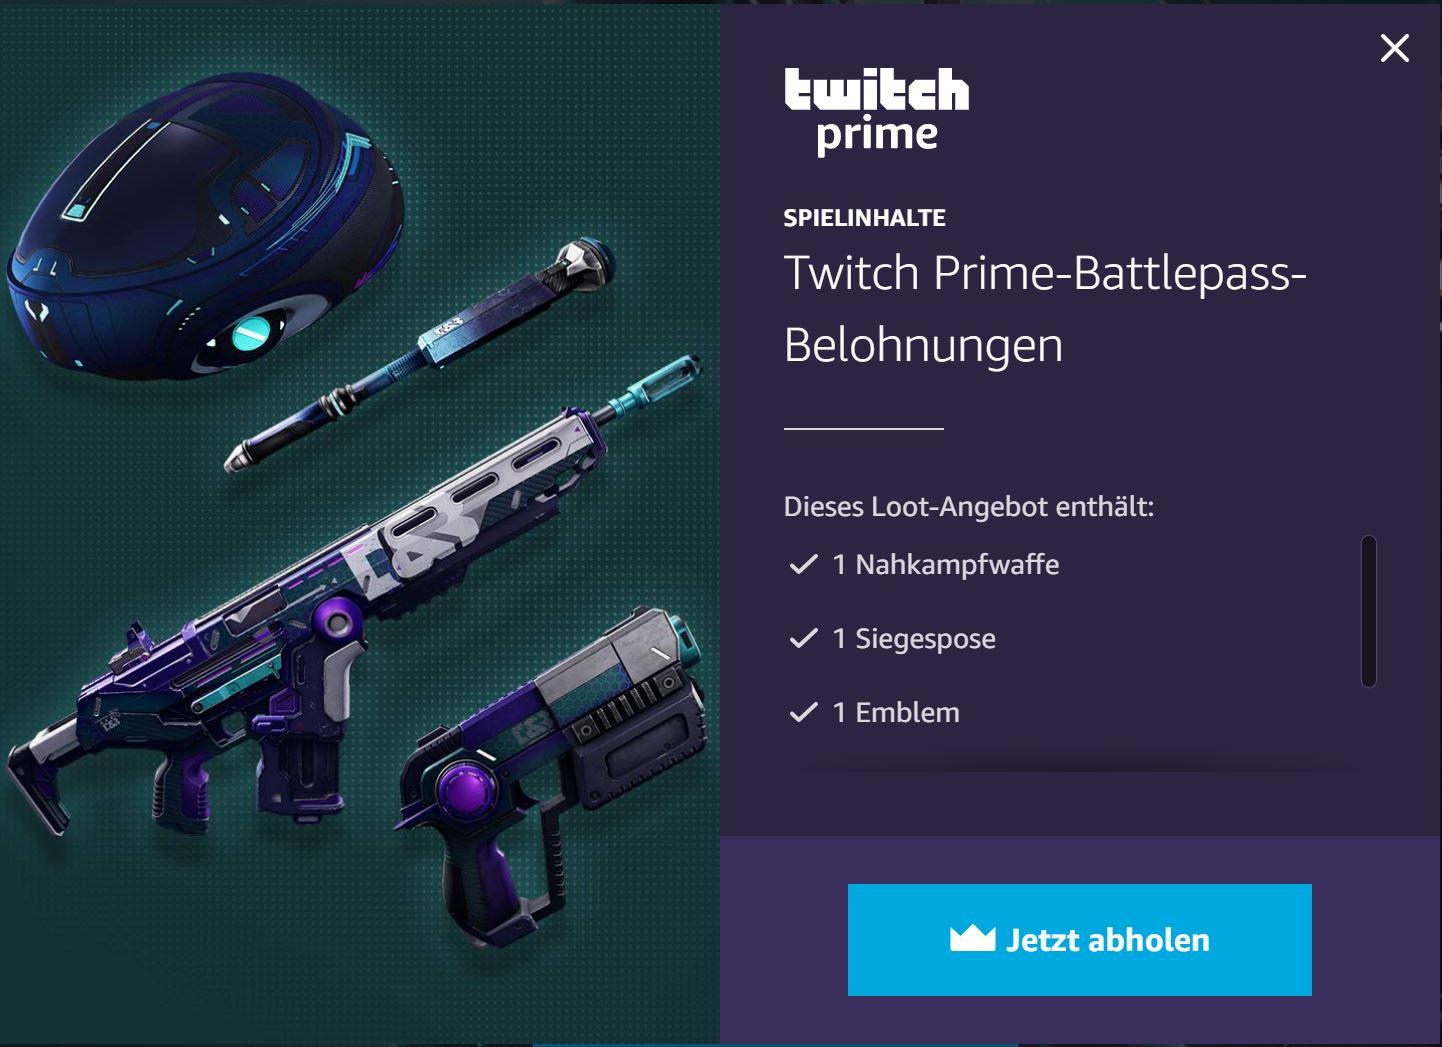 [TWITCH PRIME] Hyper Scape: Item Bundle - für neues kostenloses Battle Royal Spiel von Ubisoft [PC - Uplay]